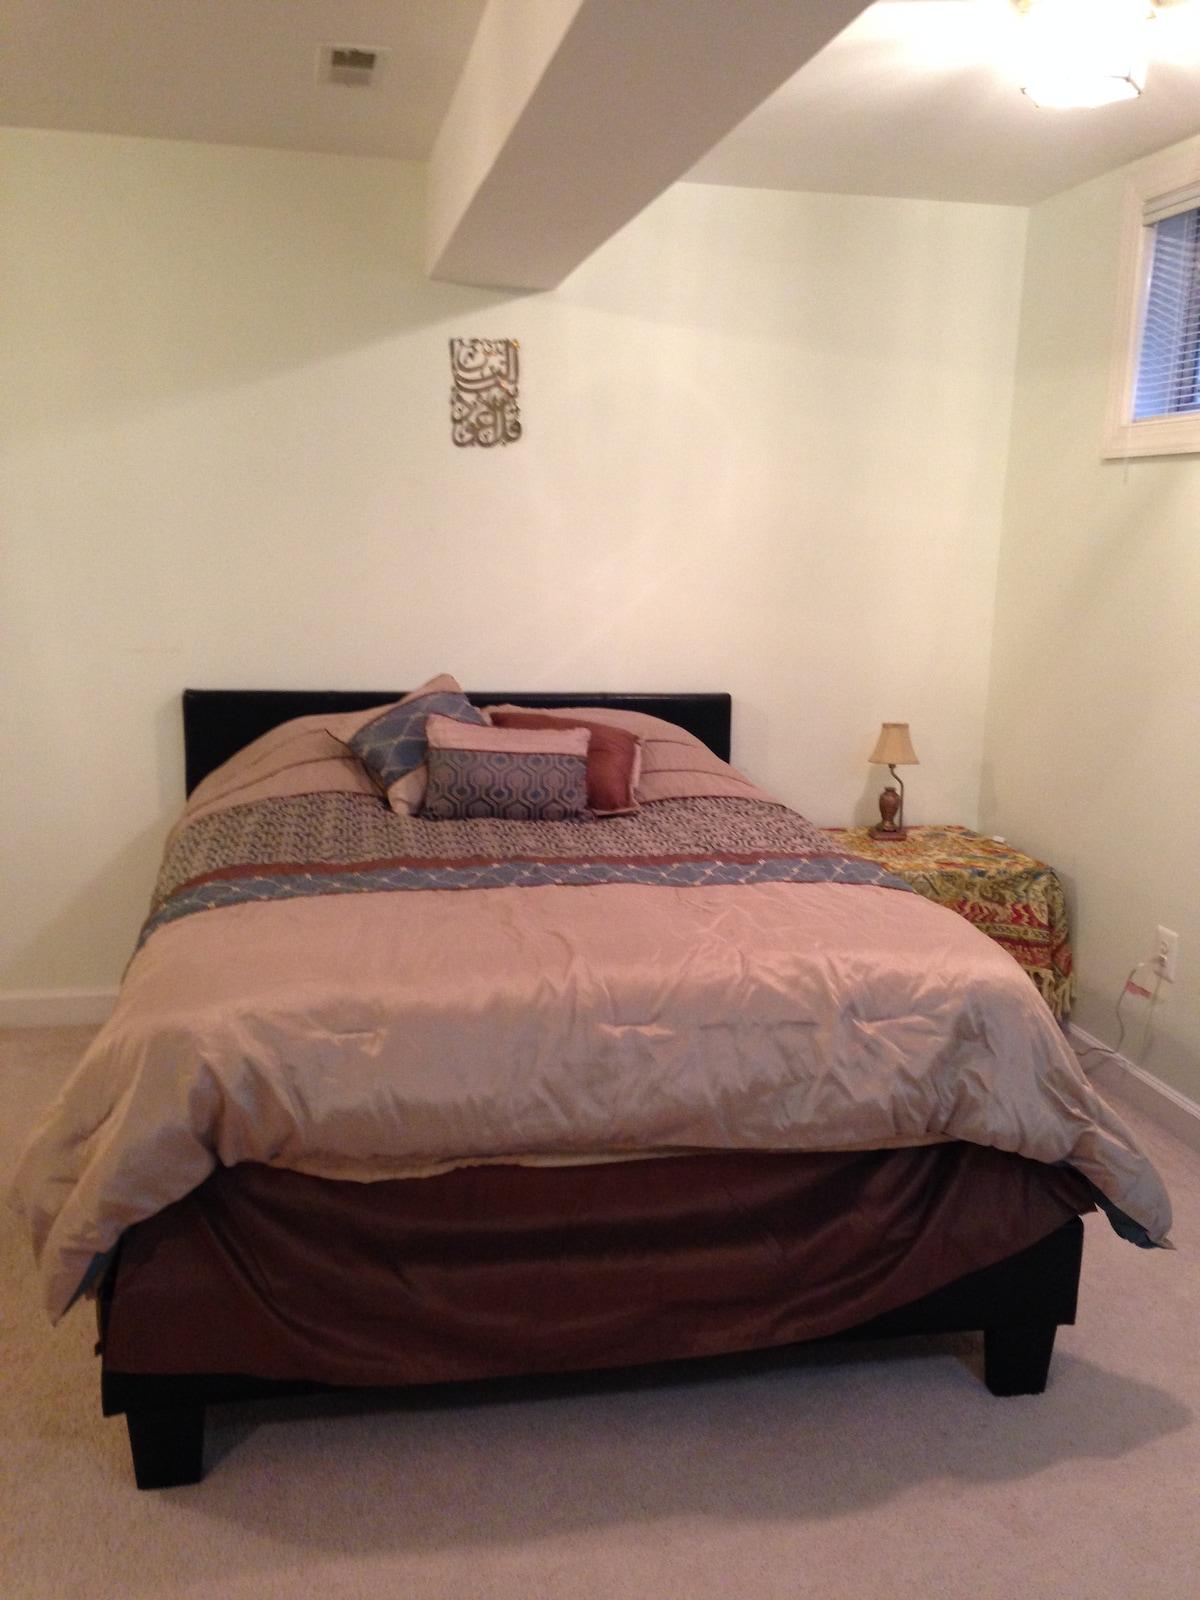 Full Basement Apt - 2 Bedrooms